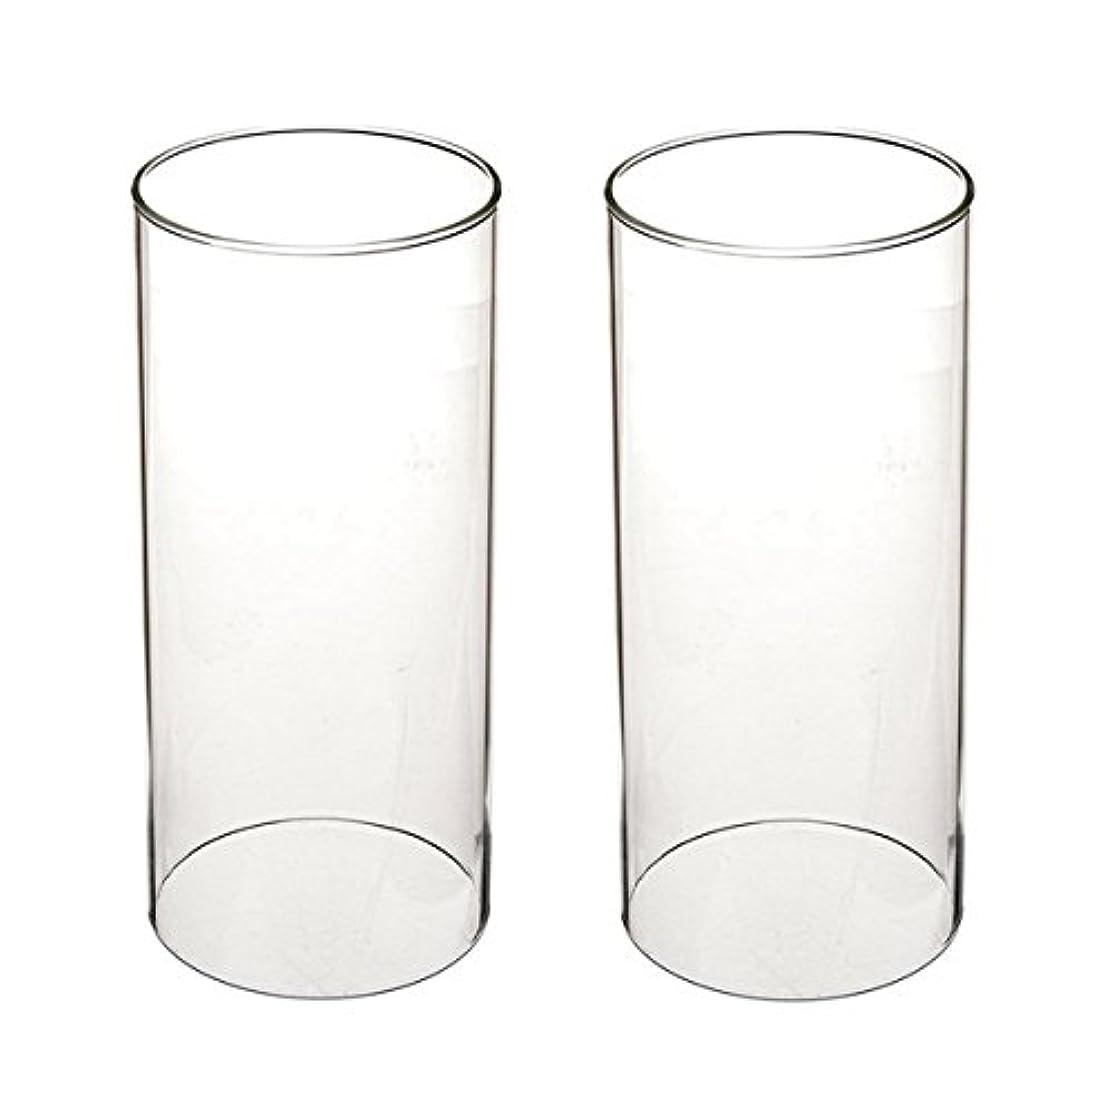 自発的マット彼自身ガラス煙突for Candleオープンエンド、ホウケイ酸ガラス( d3 h8